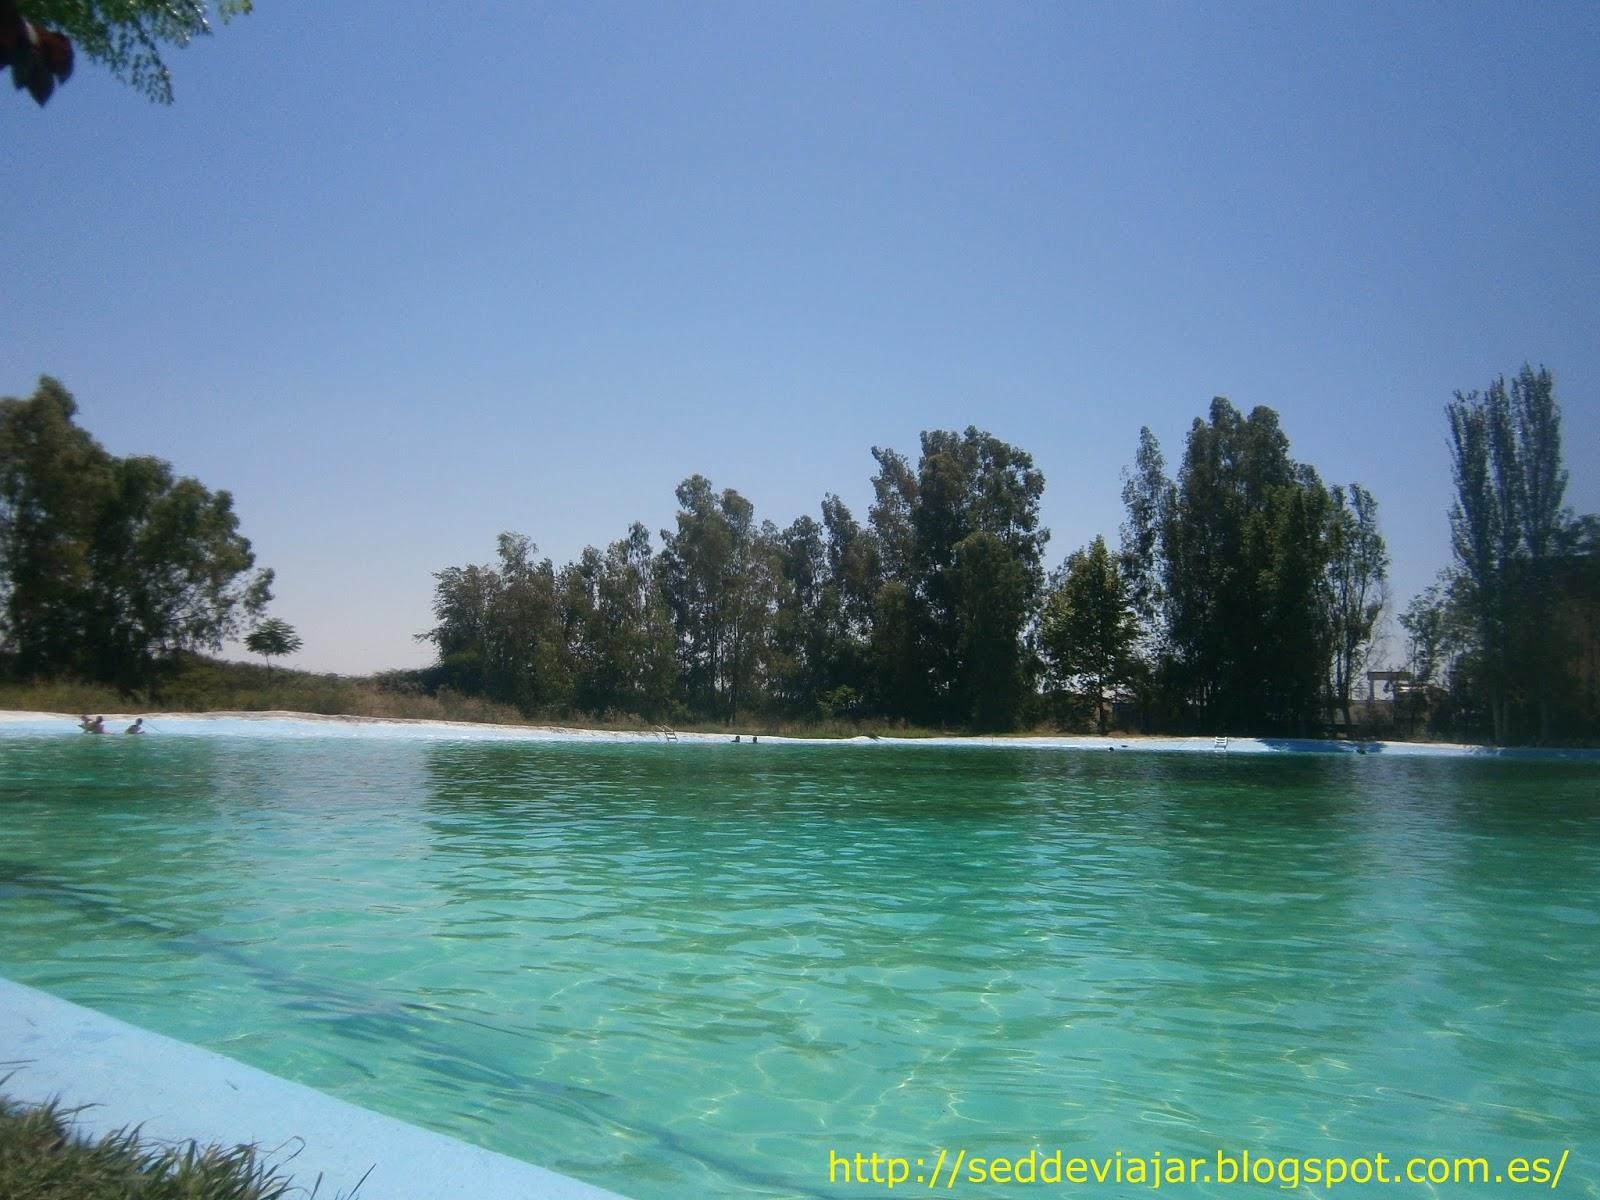 Sed de viajar piscinas naturales de extremadura i for Piscinas naturales castilla y leon